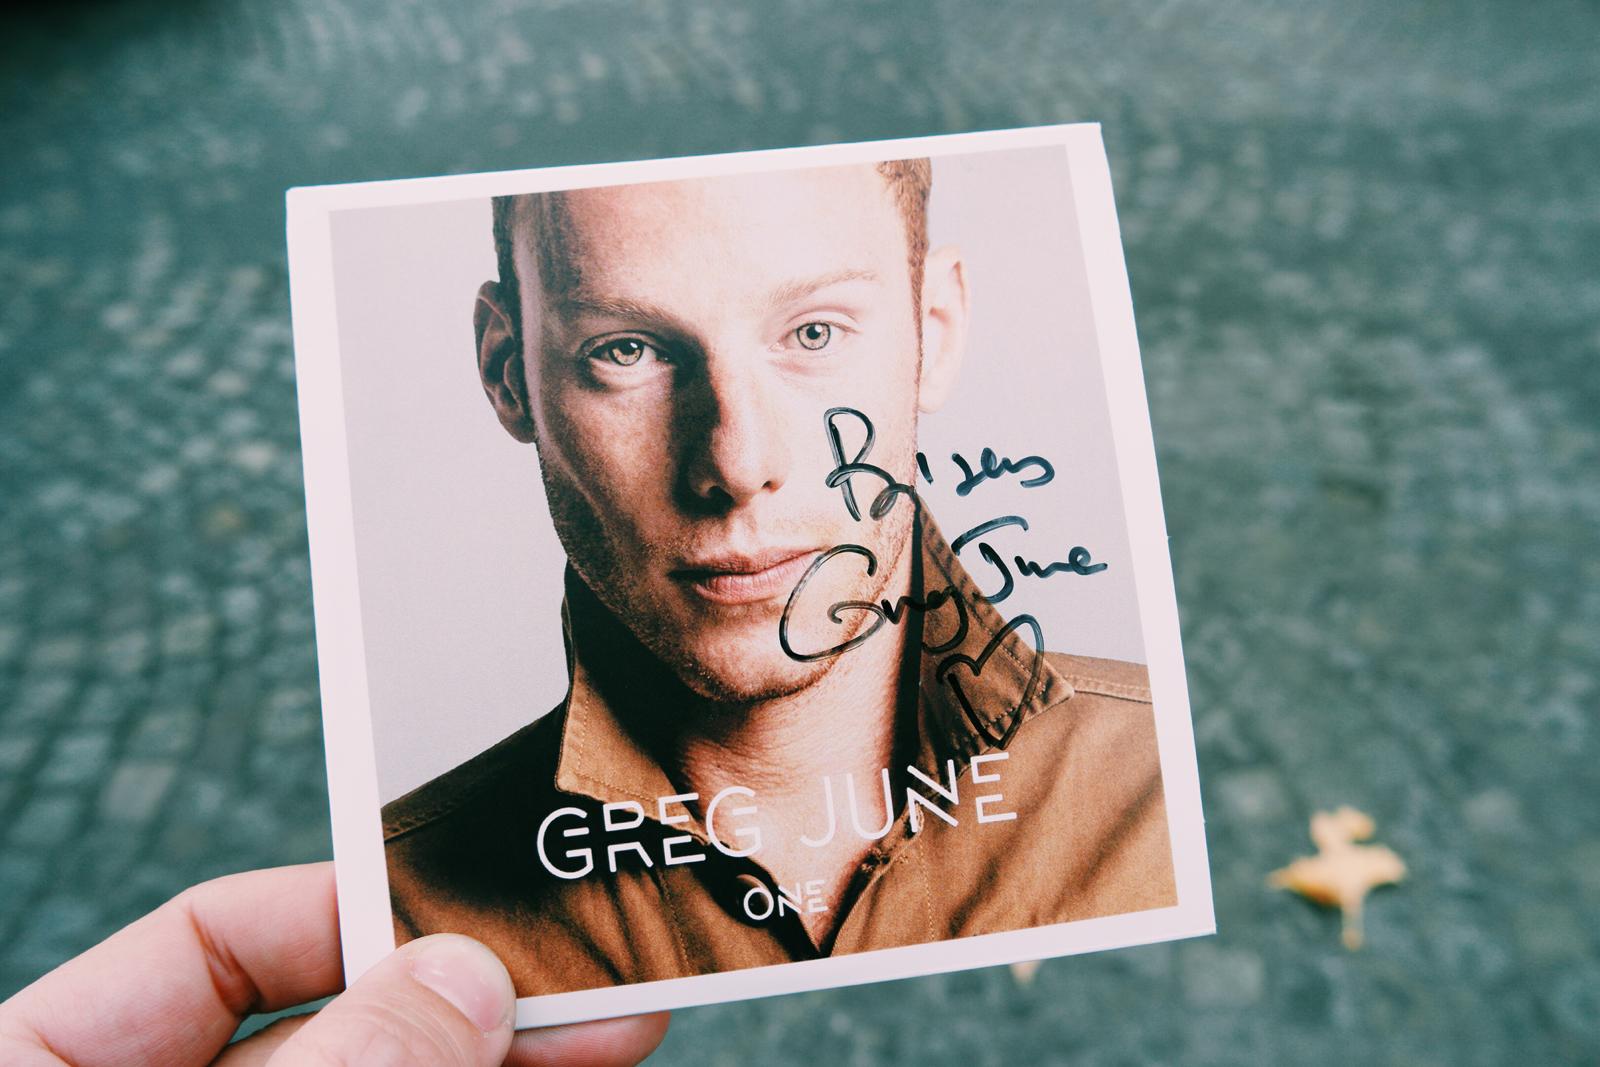 Greg-June-EP-One-dédicacé-interview-chanteur-musique-Kallisto-Records-photo-by-united-states-of-paris-usofparis-blog